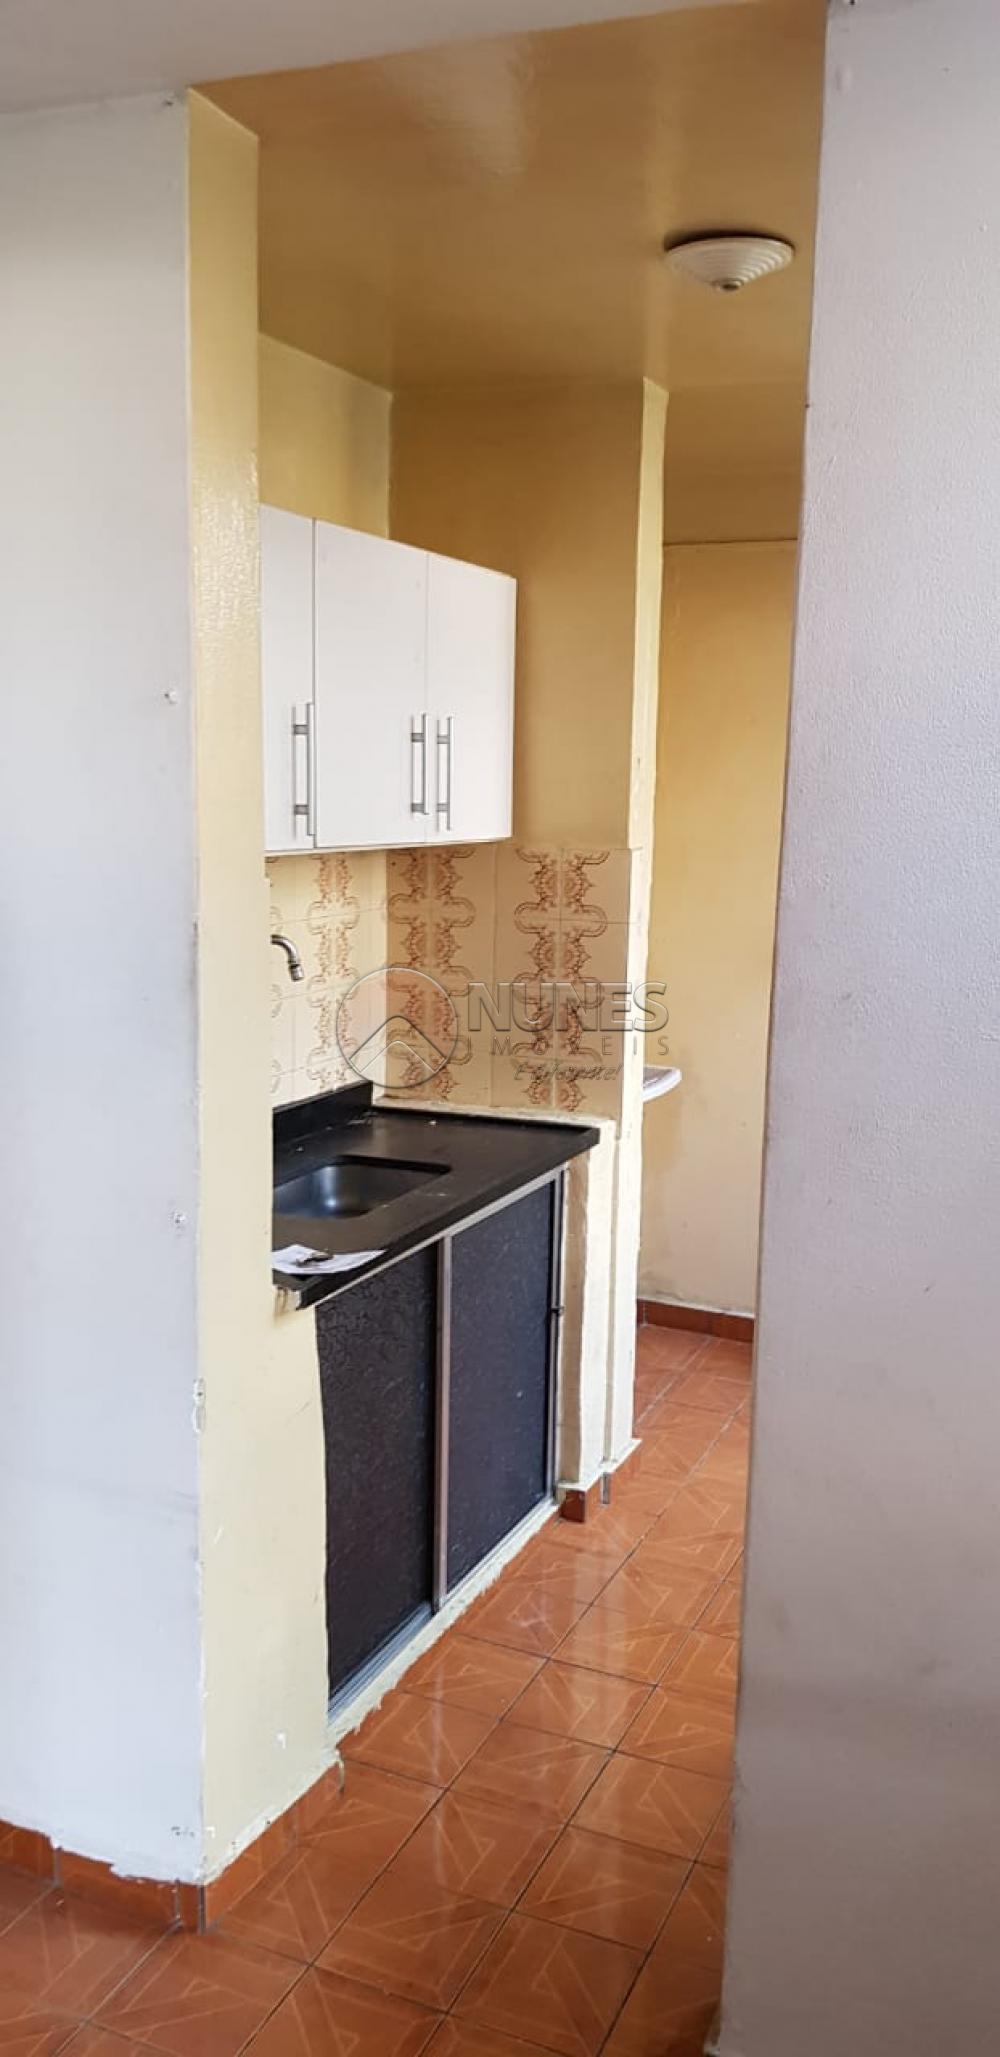 Comprar Apartamento / Padrão em Carapicuíba apenas R$ 130.000,00 - Foto 3